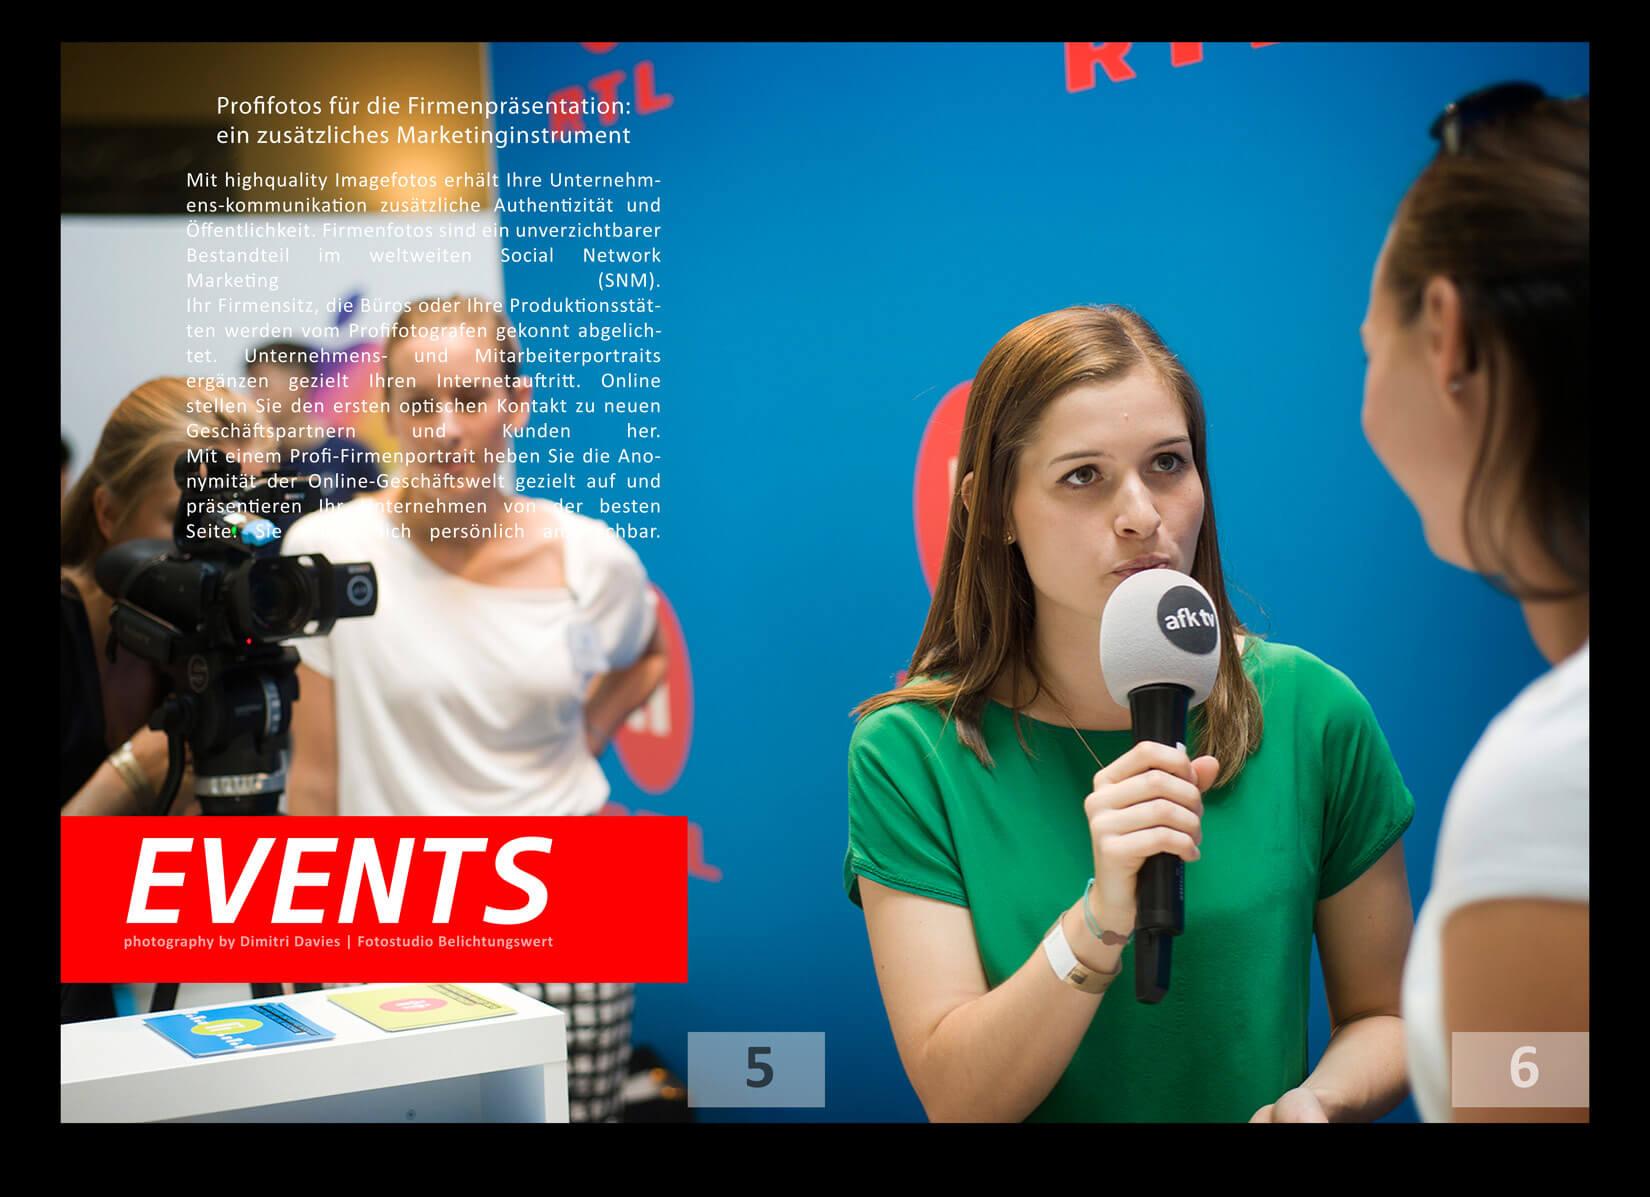 Eventfotografie München RTL2 Interview, ein Mädchen im grünem Oberteil mit einem Mikro